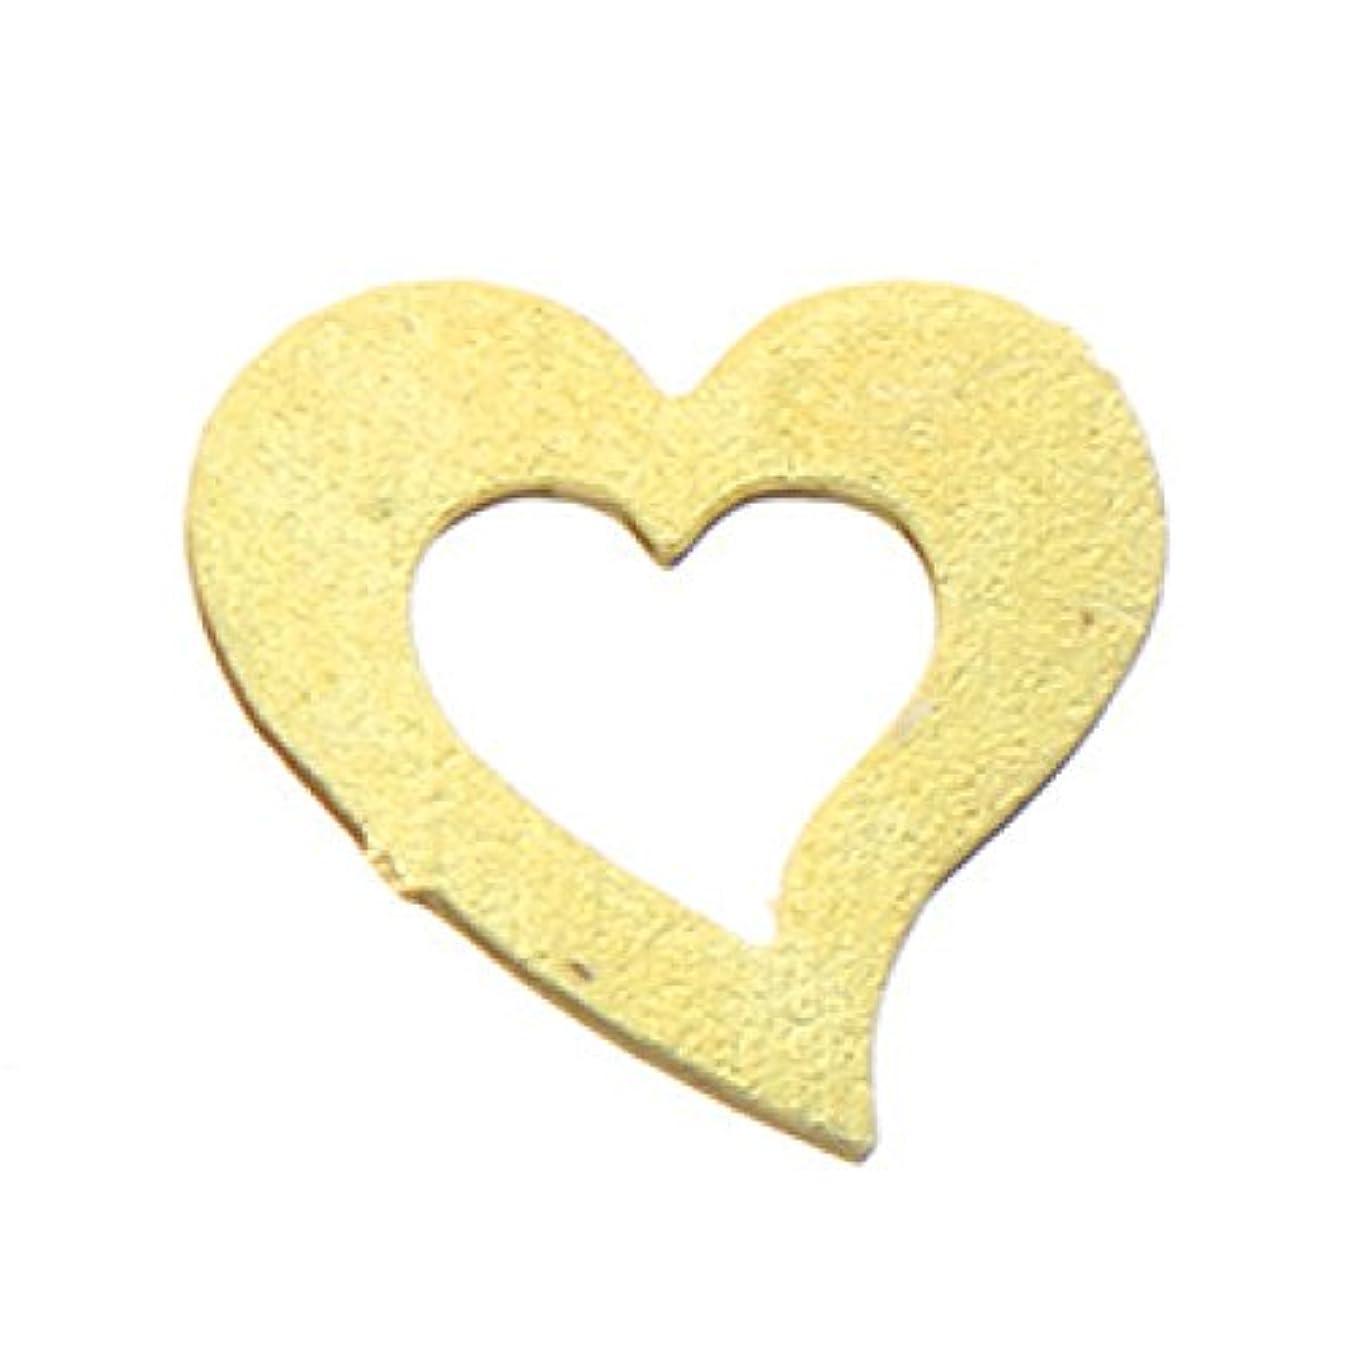 爆風餌皮メタルプレート(ネイルストーン デコ)ハート (30個入り) ゴールド(ネイル用品)